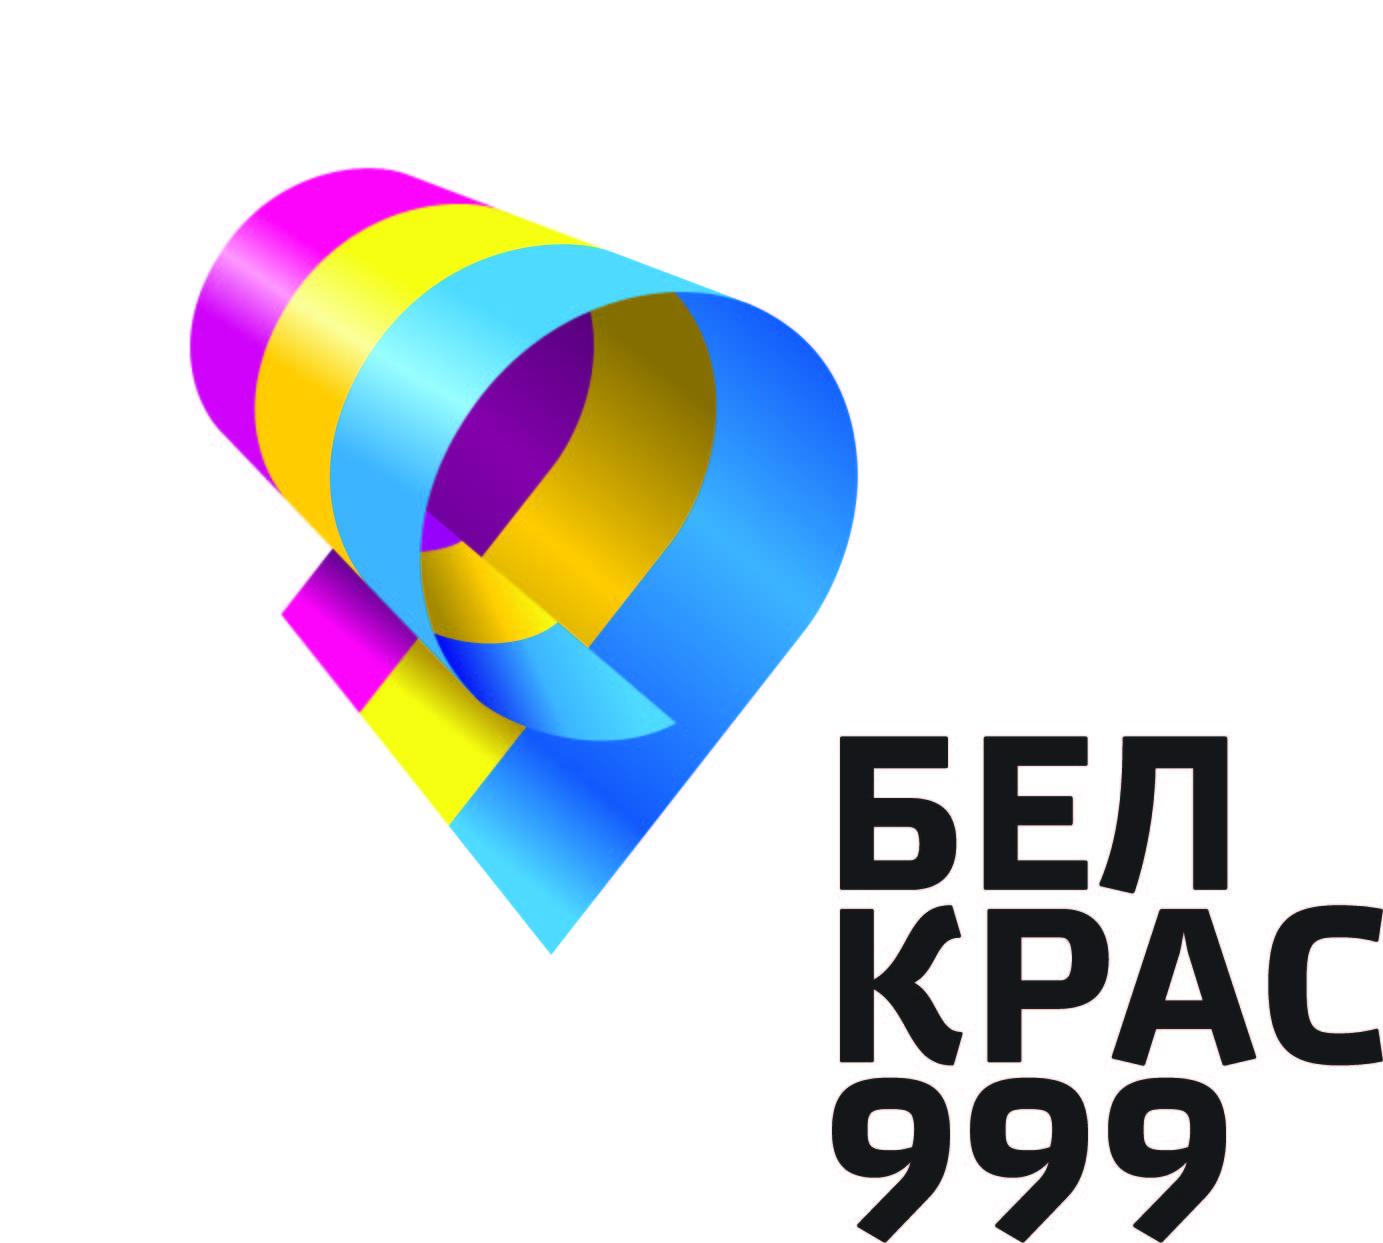 Общество с ограниченной ответственностью «БелКрас 999», ИНН 2309066219